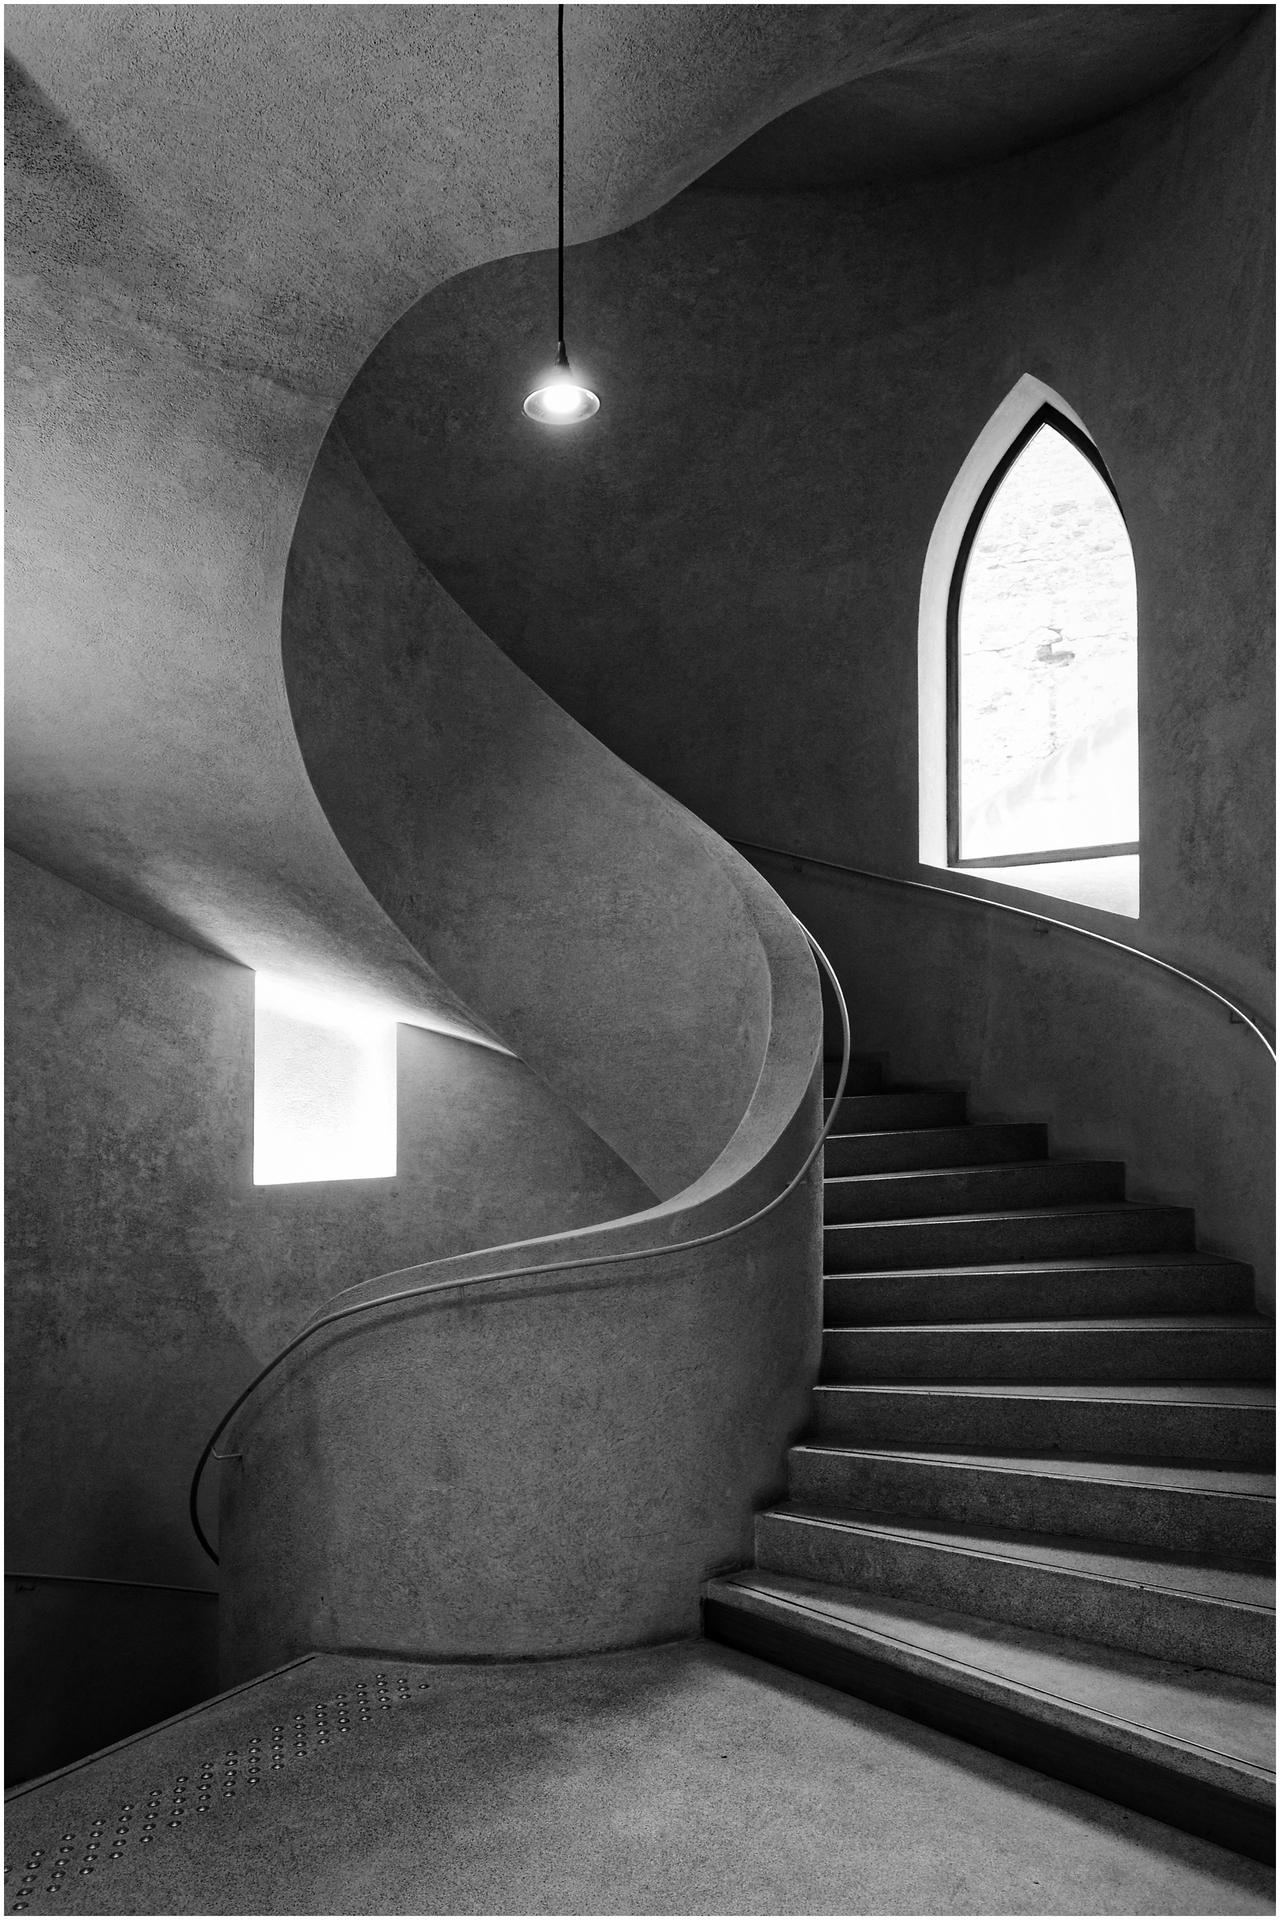 085 Ott Gilbert - Arabesques d'escalier